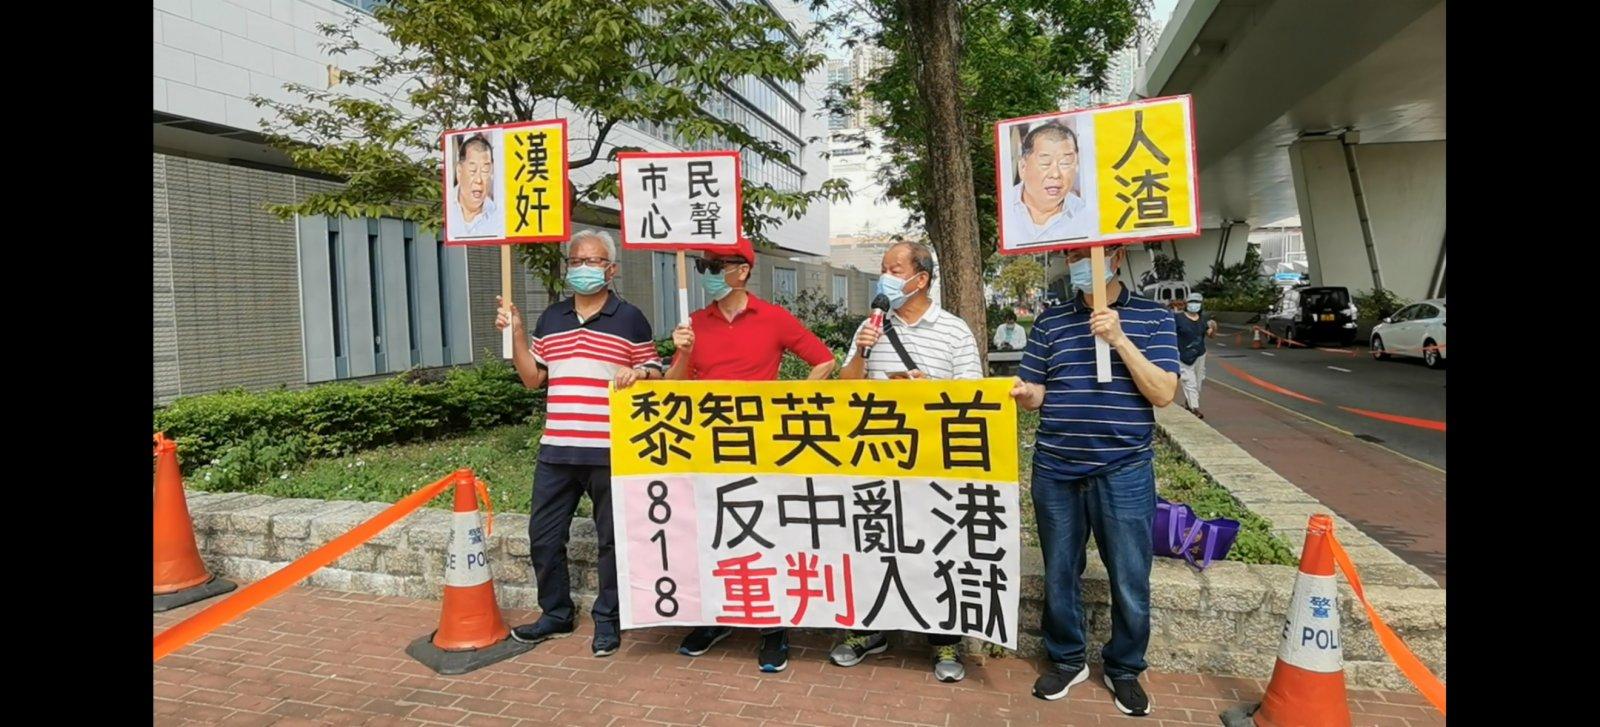 因涉嫌違反香港國安法而被還押的壹傳媒黎智英與另外8名泛民人士,被指於前年8月18日在港島區參與或組織反修例「流水式集會」,被控組織及參與未經批准集結罪。除區諾軒及梁耀忠認罪外,包括黎智英在內的其餘7名被告均否認控罪。案件於西九龍法院審訊20天後,將於今日(1日)上午10時半裁決。有市民和團體到法院前拉布條支持司法嚴正執法,重判以黎智英為首的反中亂港分子。(大公文匯全媒體記者攝)